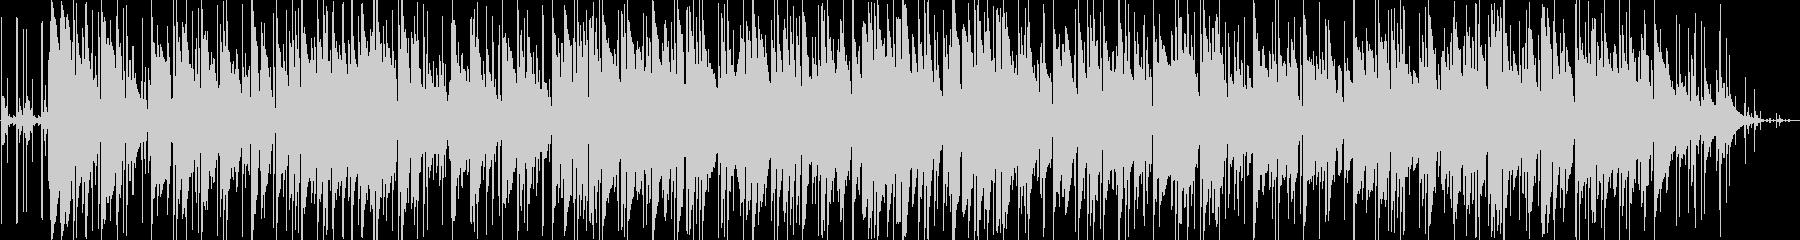 おしゃれなリラクゼーションミュージックの未再生の波形